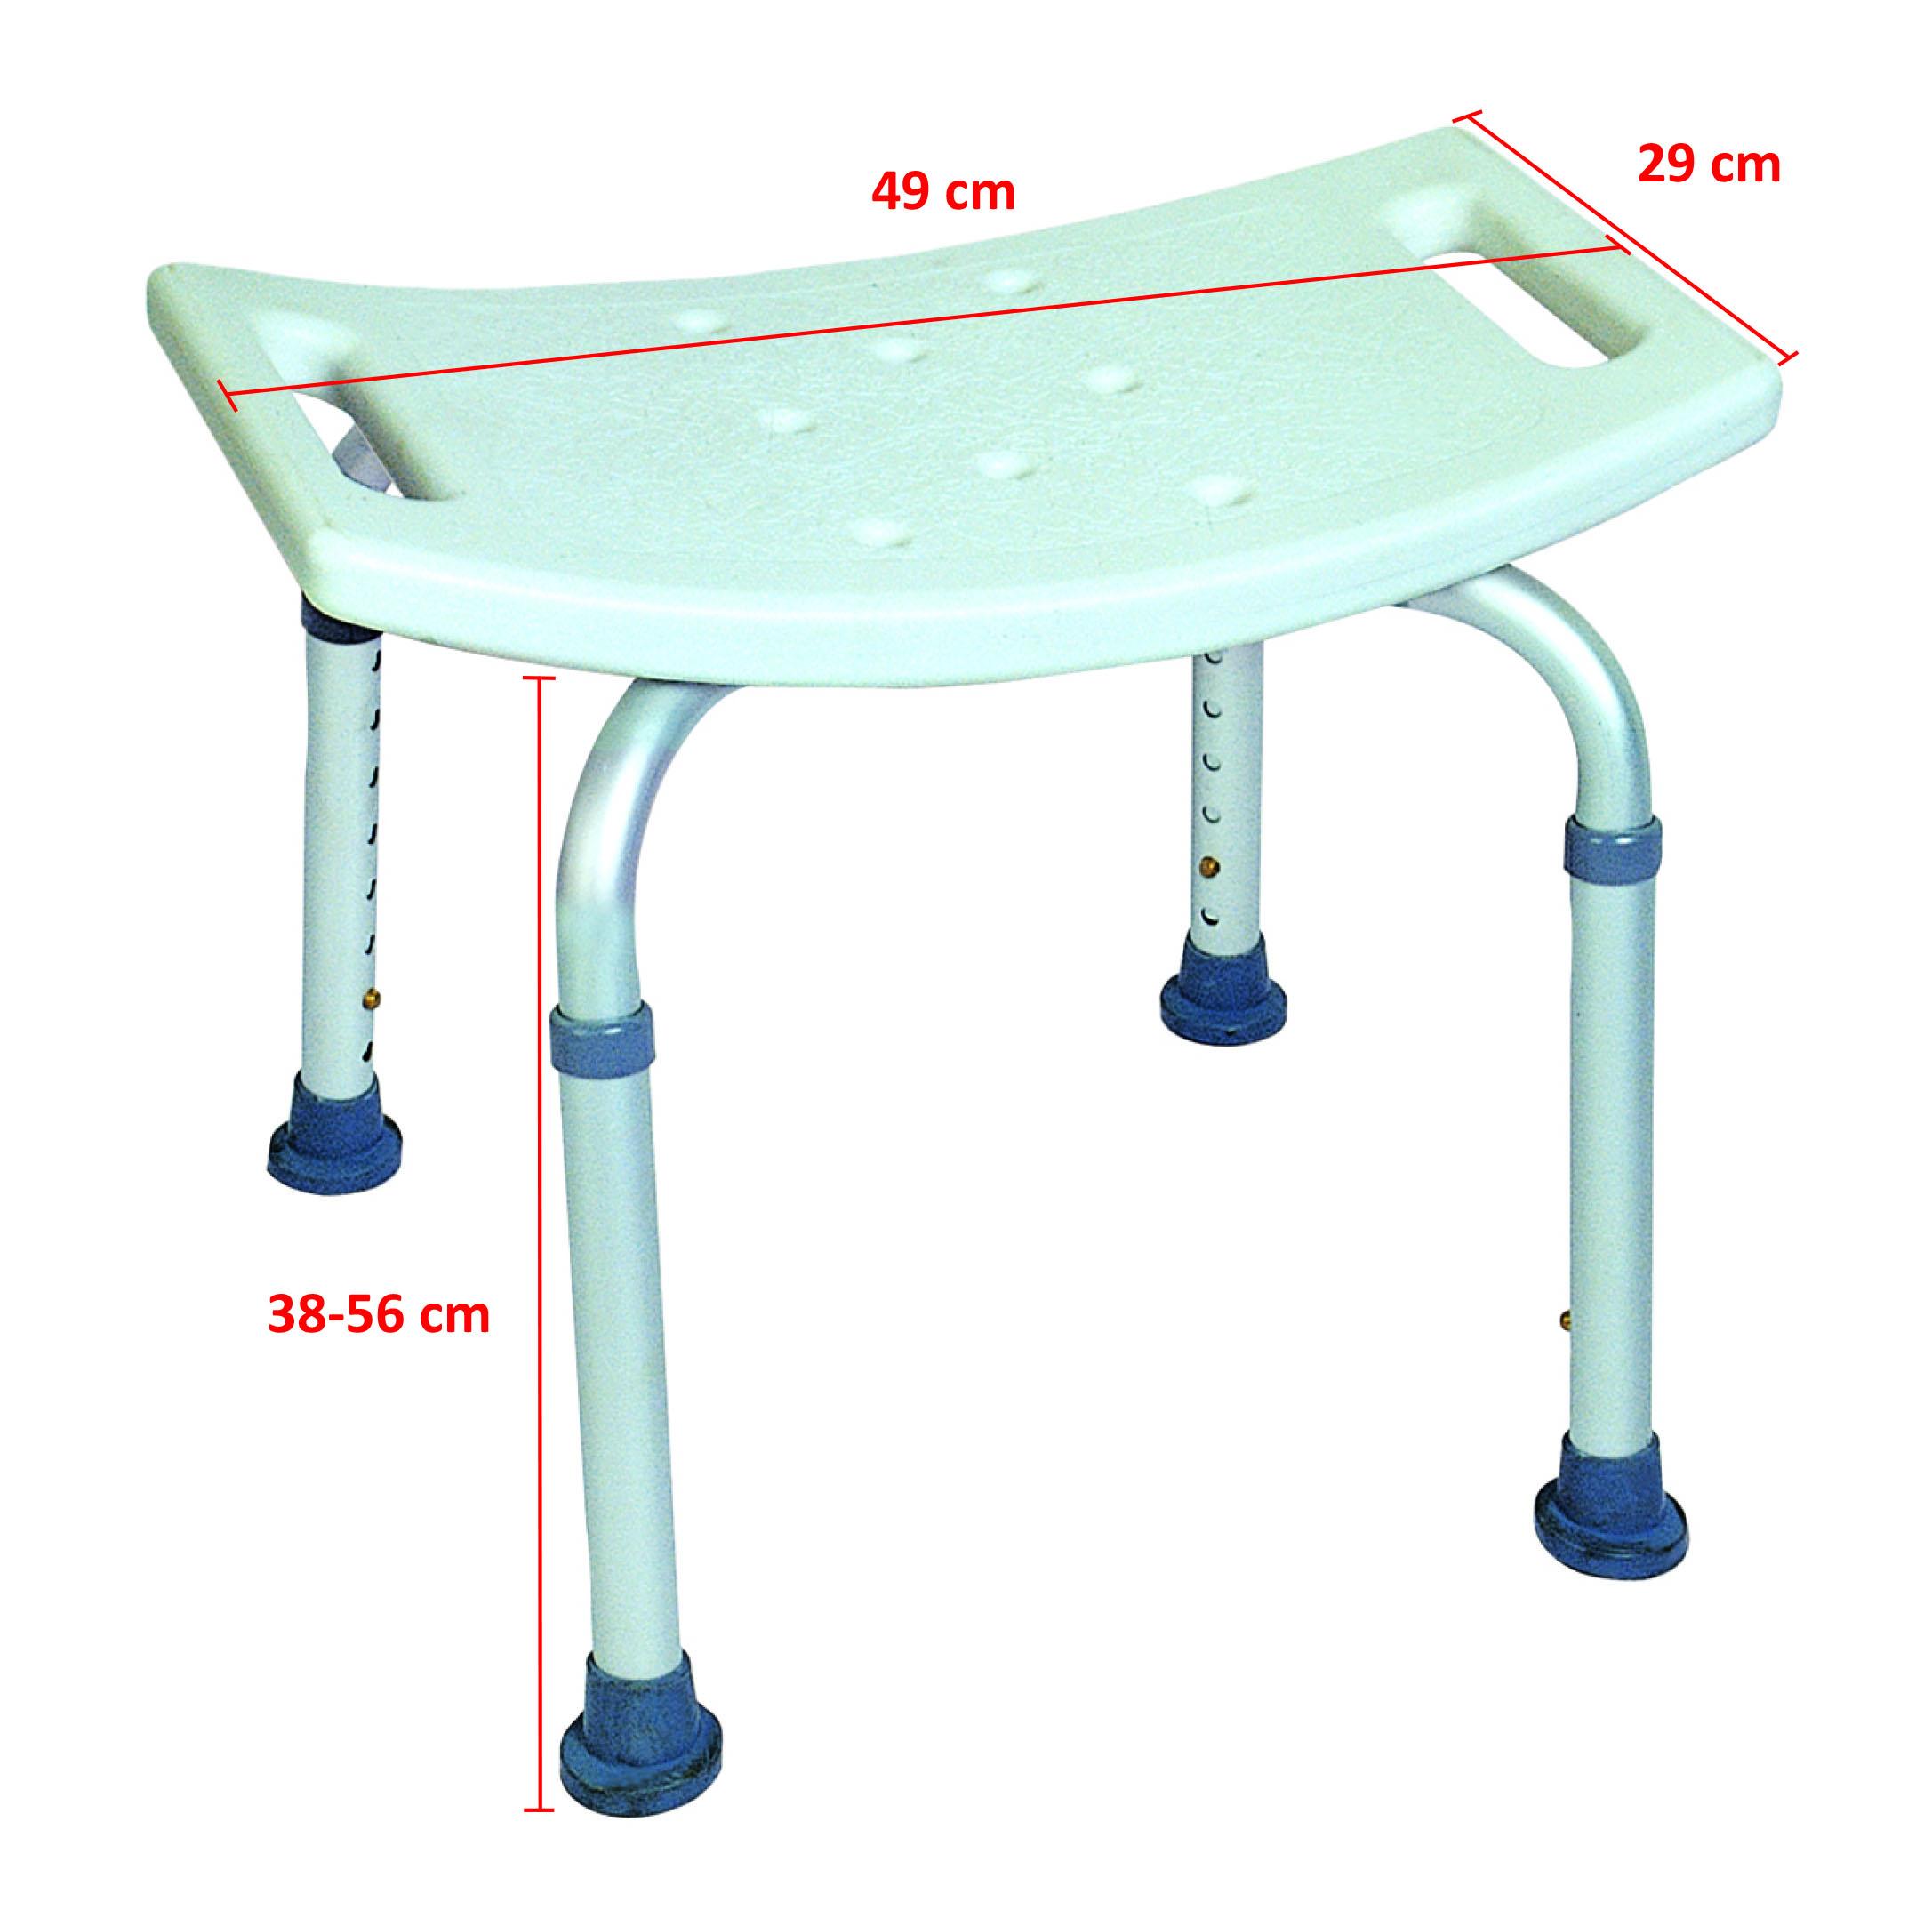 MU-5450 Badkamer kruk / stoeltje – Obbomed Hulpmiddelen Senioren